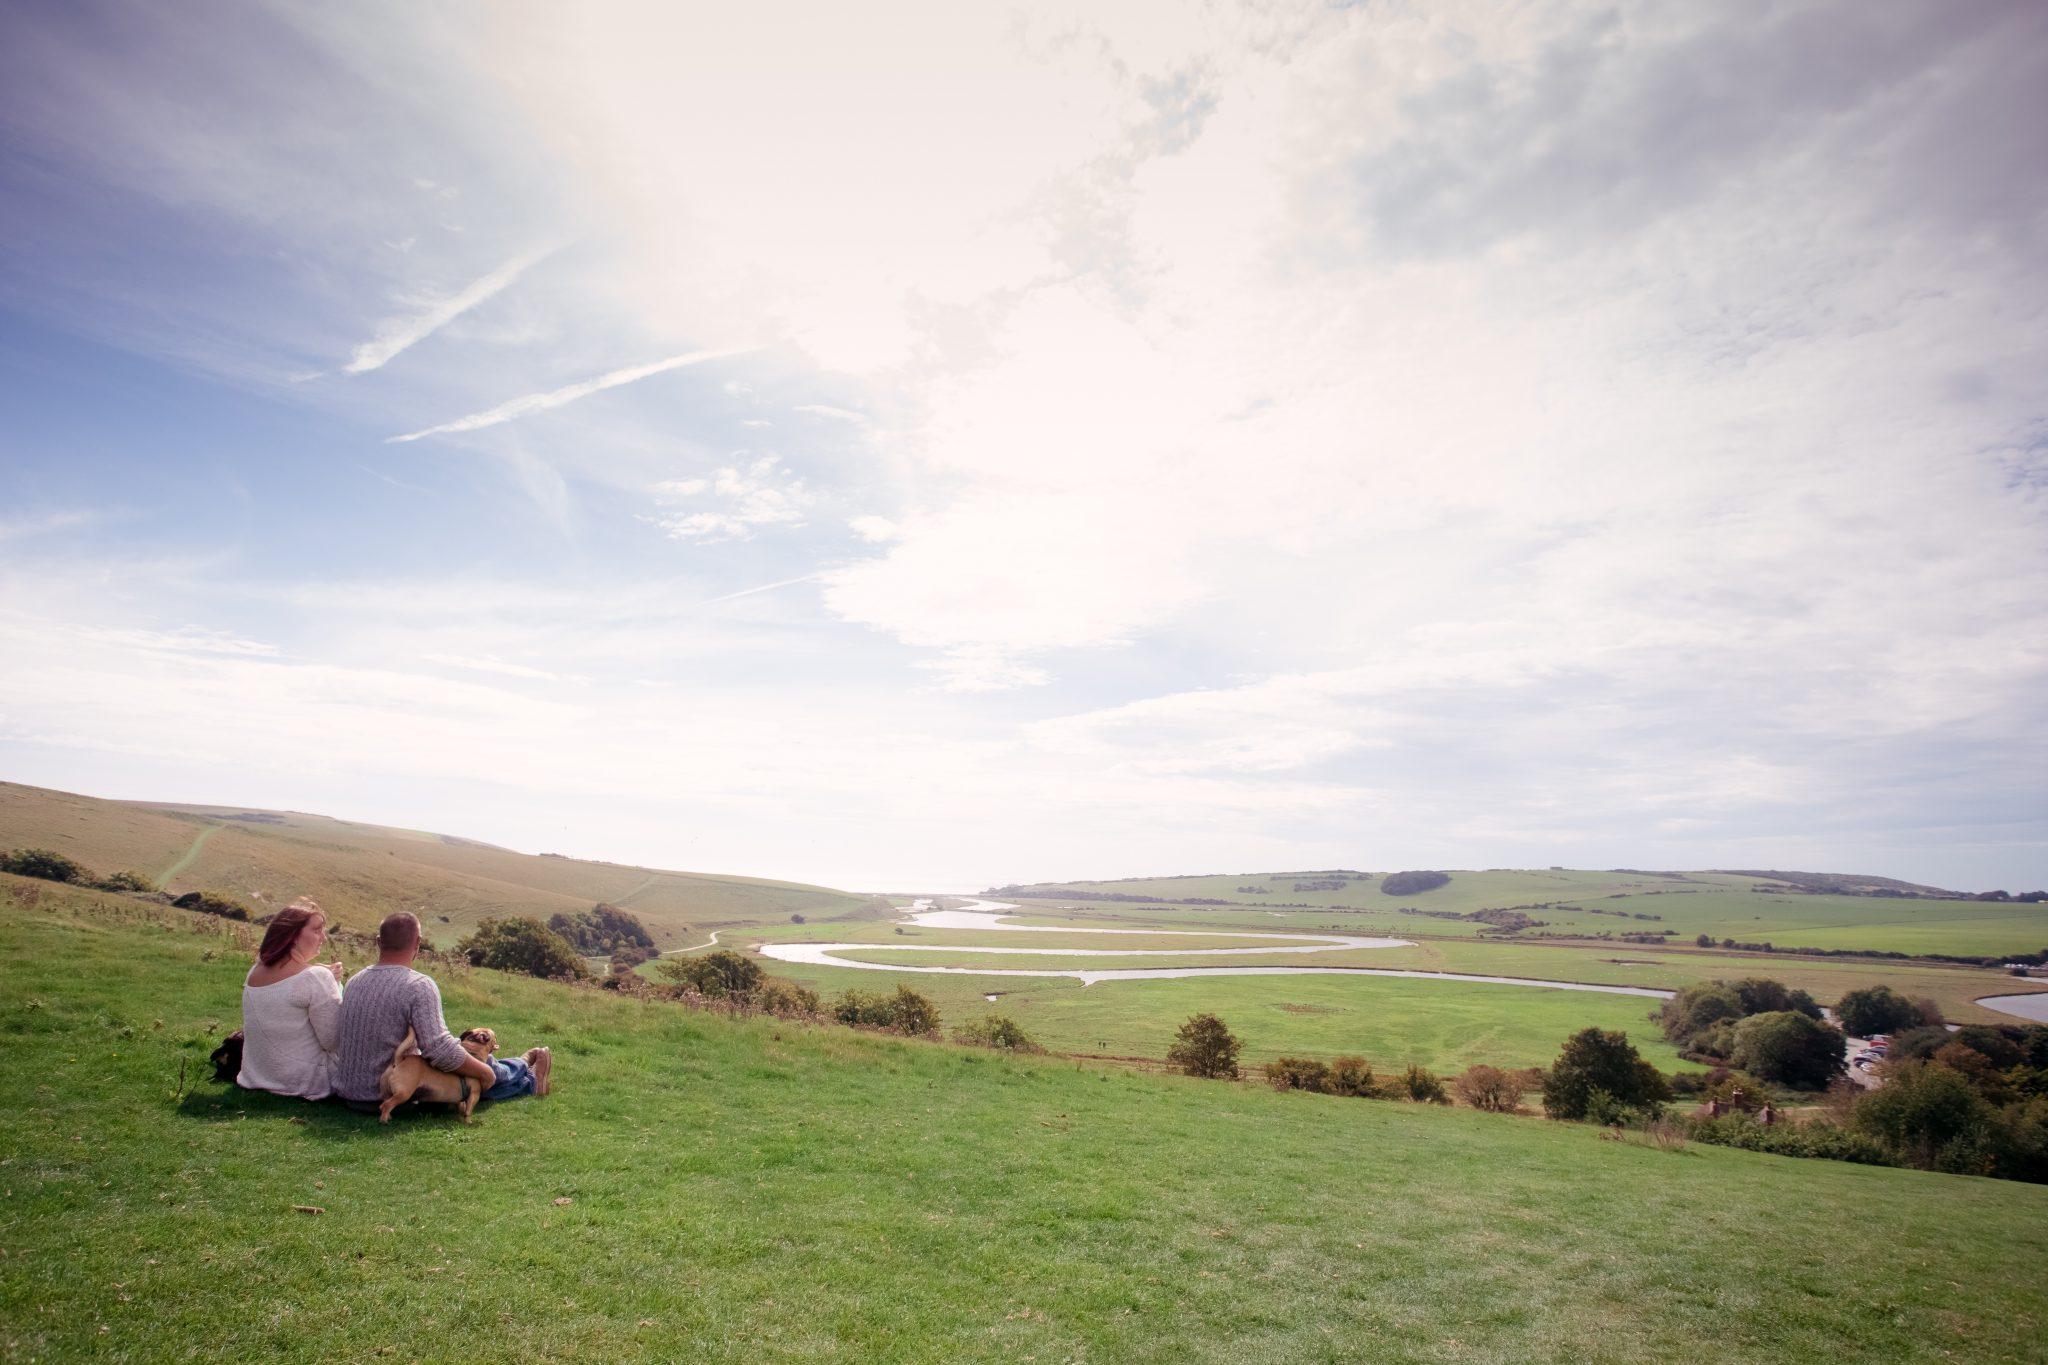 S Butler Photography - Sussex Portrait Photographer - Jemma & Four Legged Friends 082